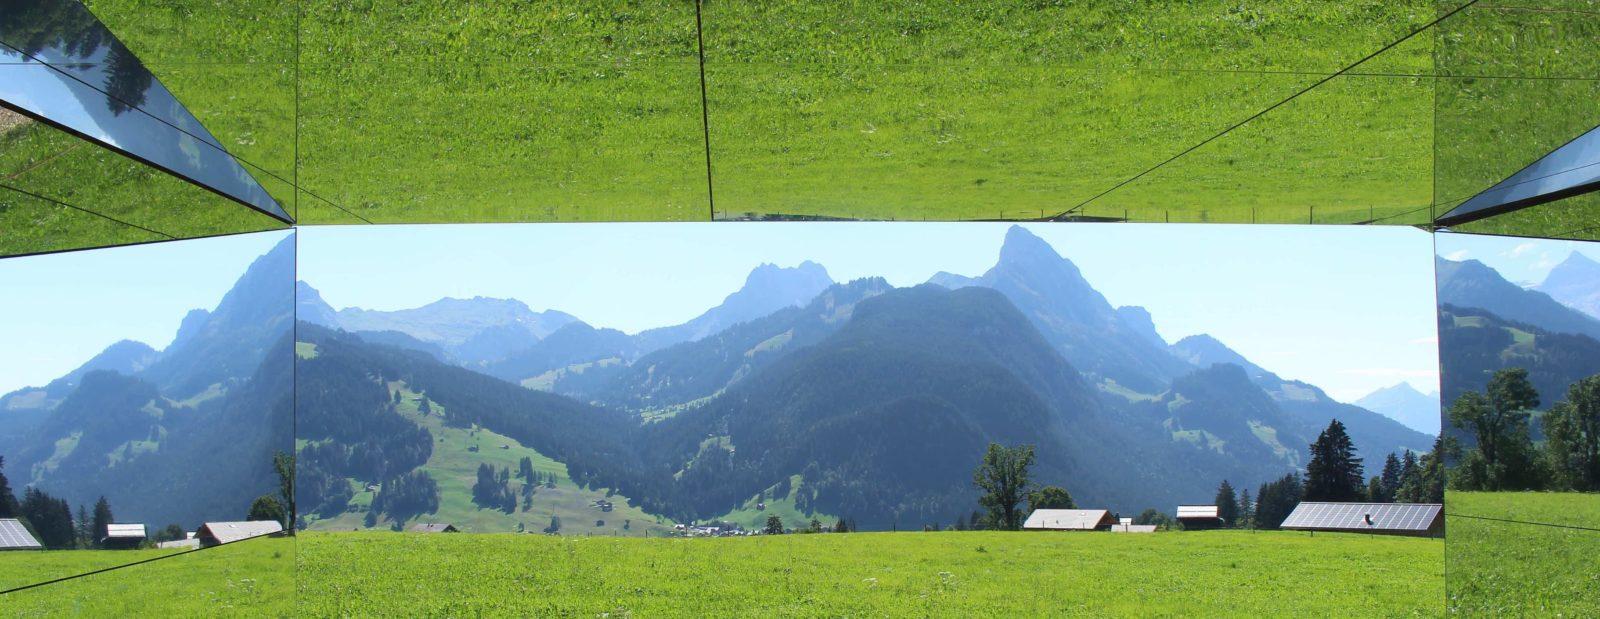 Mirage Gstaad vue depuis la maison sur les montagnes